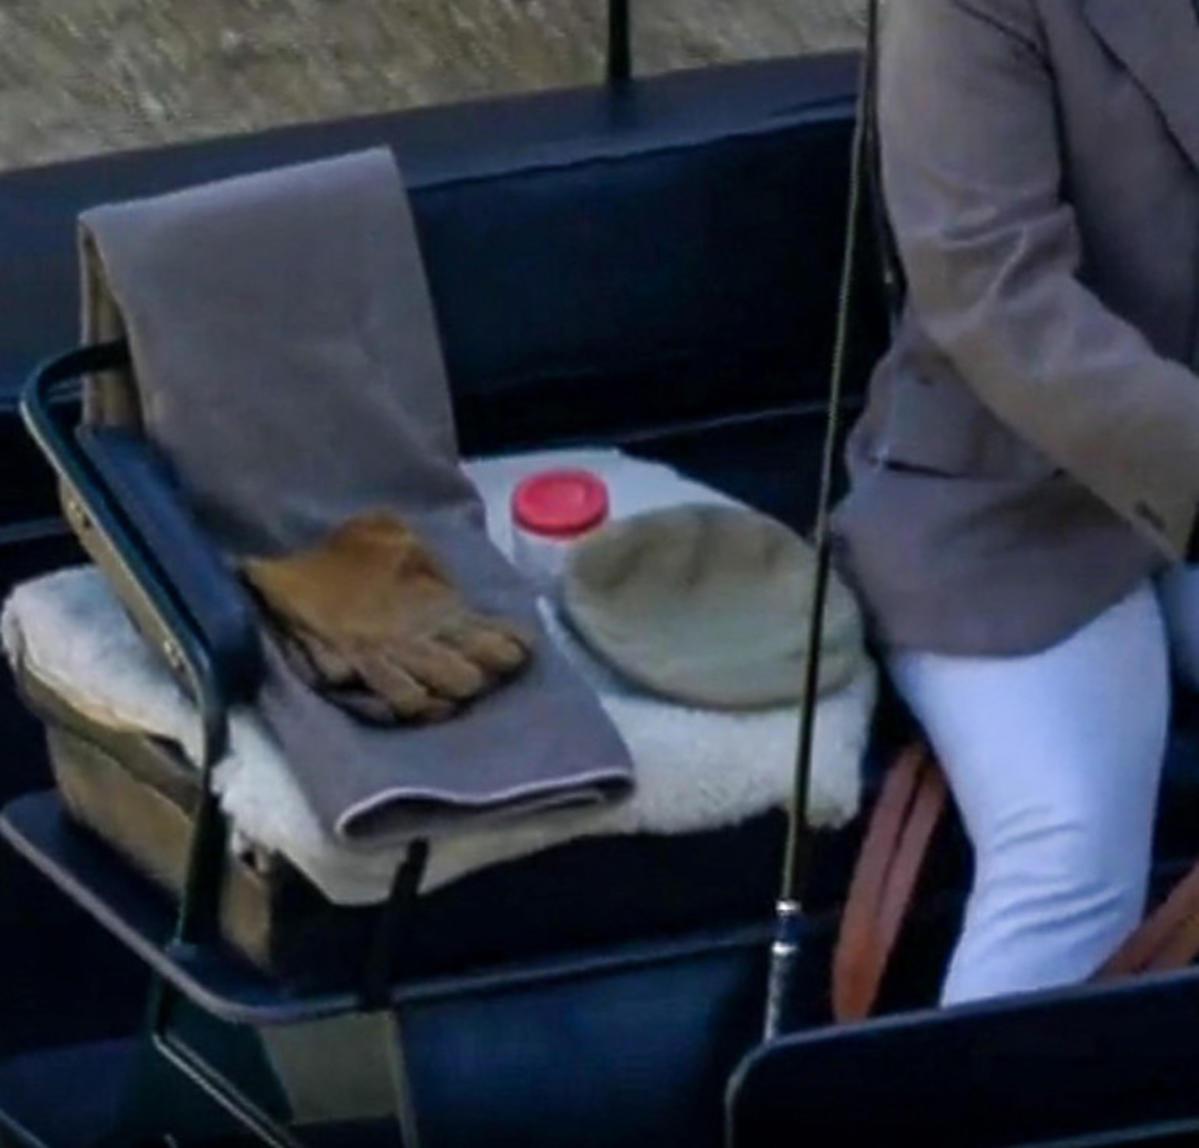 Pogrzeb księcia Filipa, powóz konny i rzeczy po zmarłym